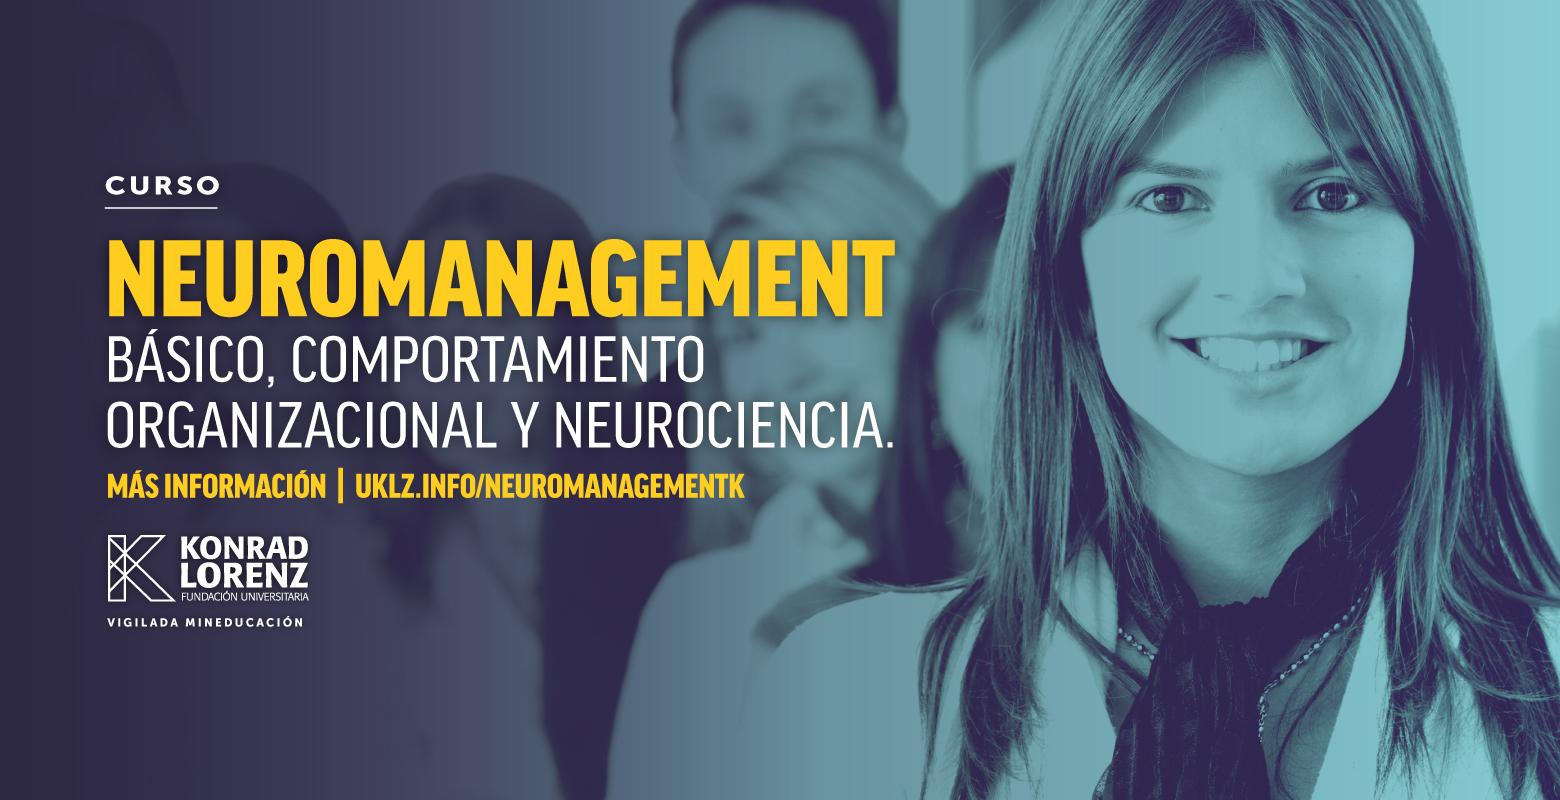 Curso en Neuromanagement Básico, Comportamiento Organizacional y Neurociencia